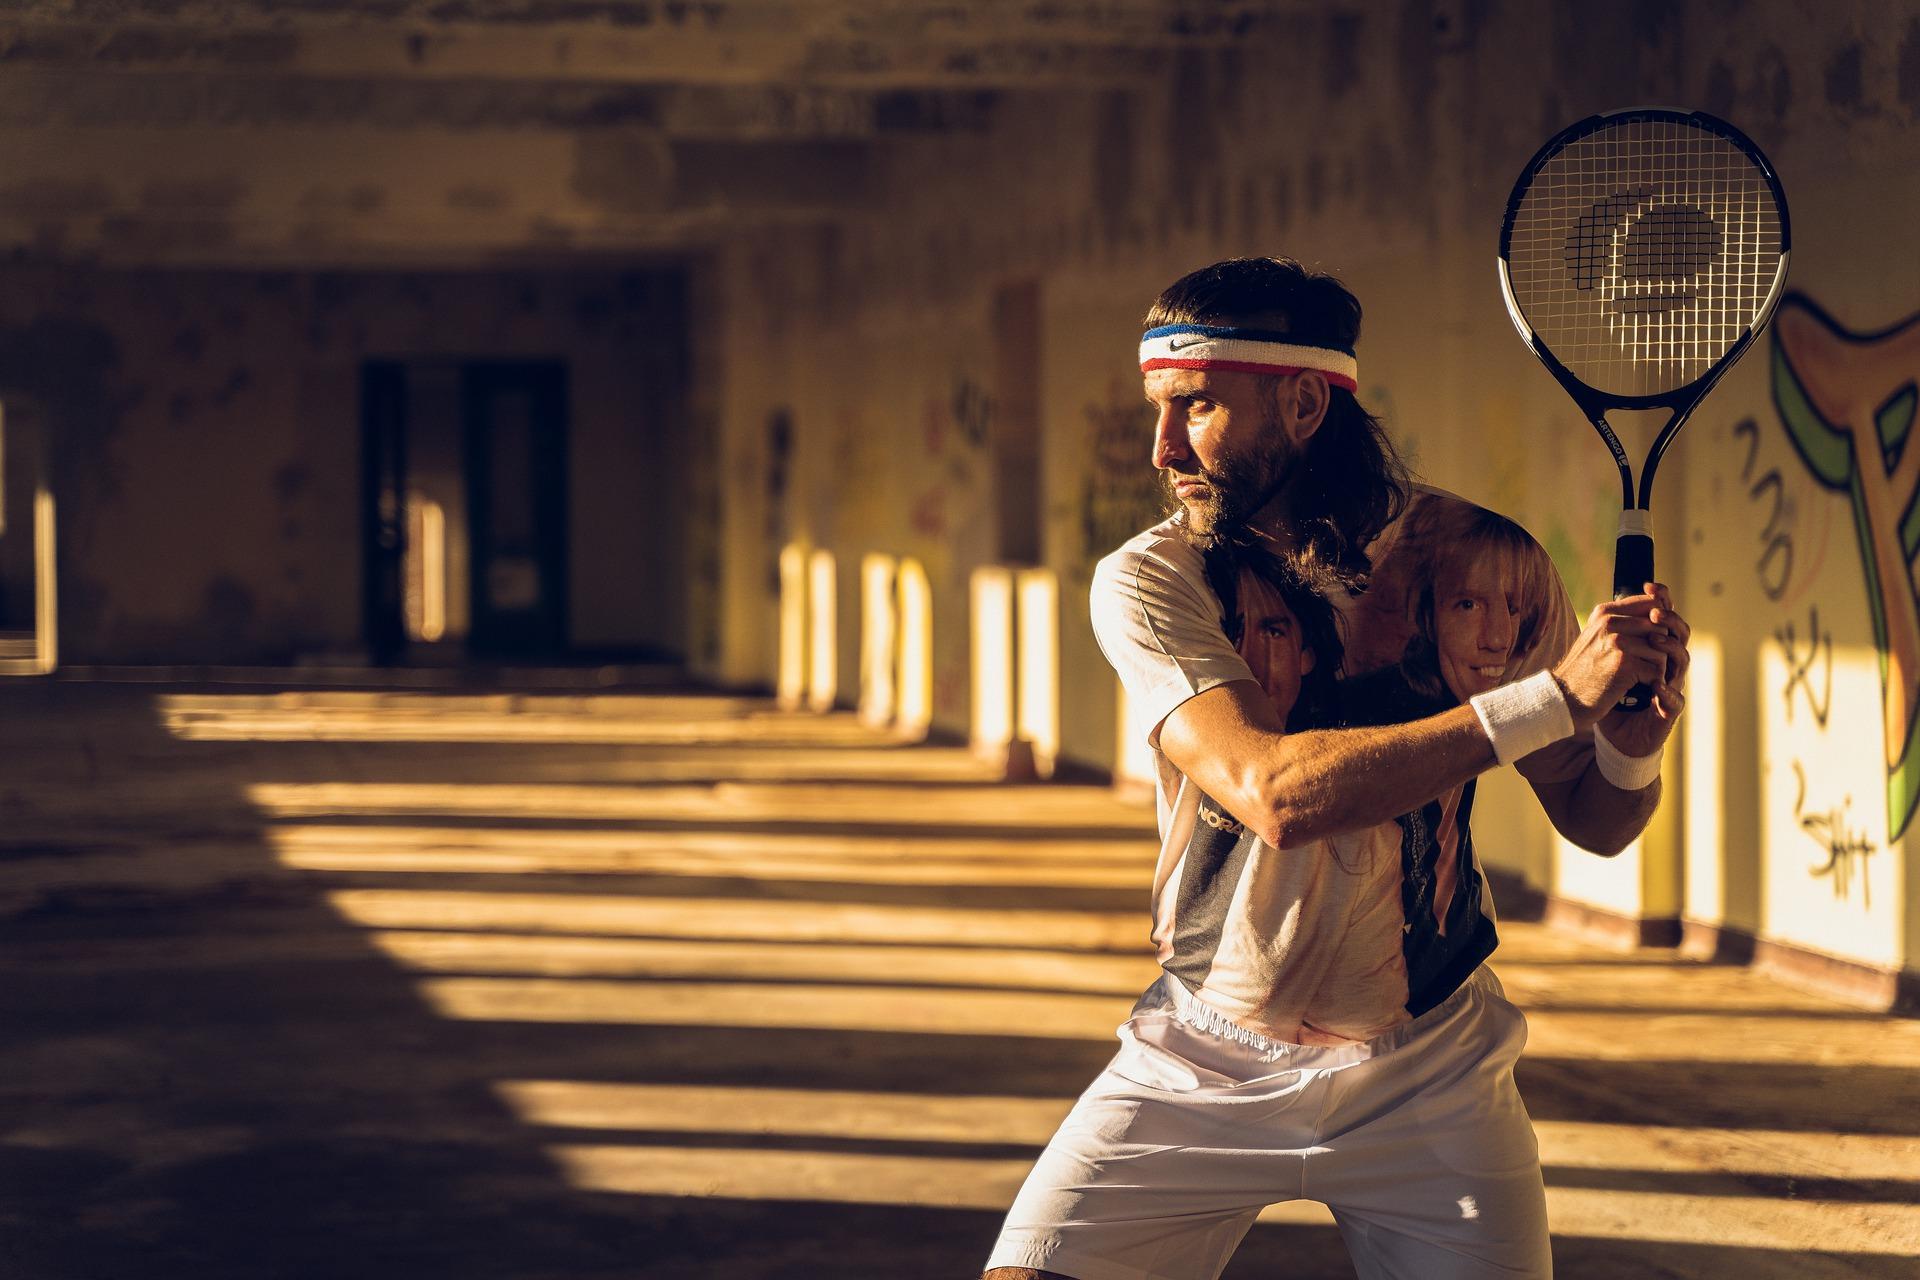 tennis-4755926_1920.jpg